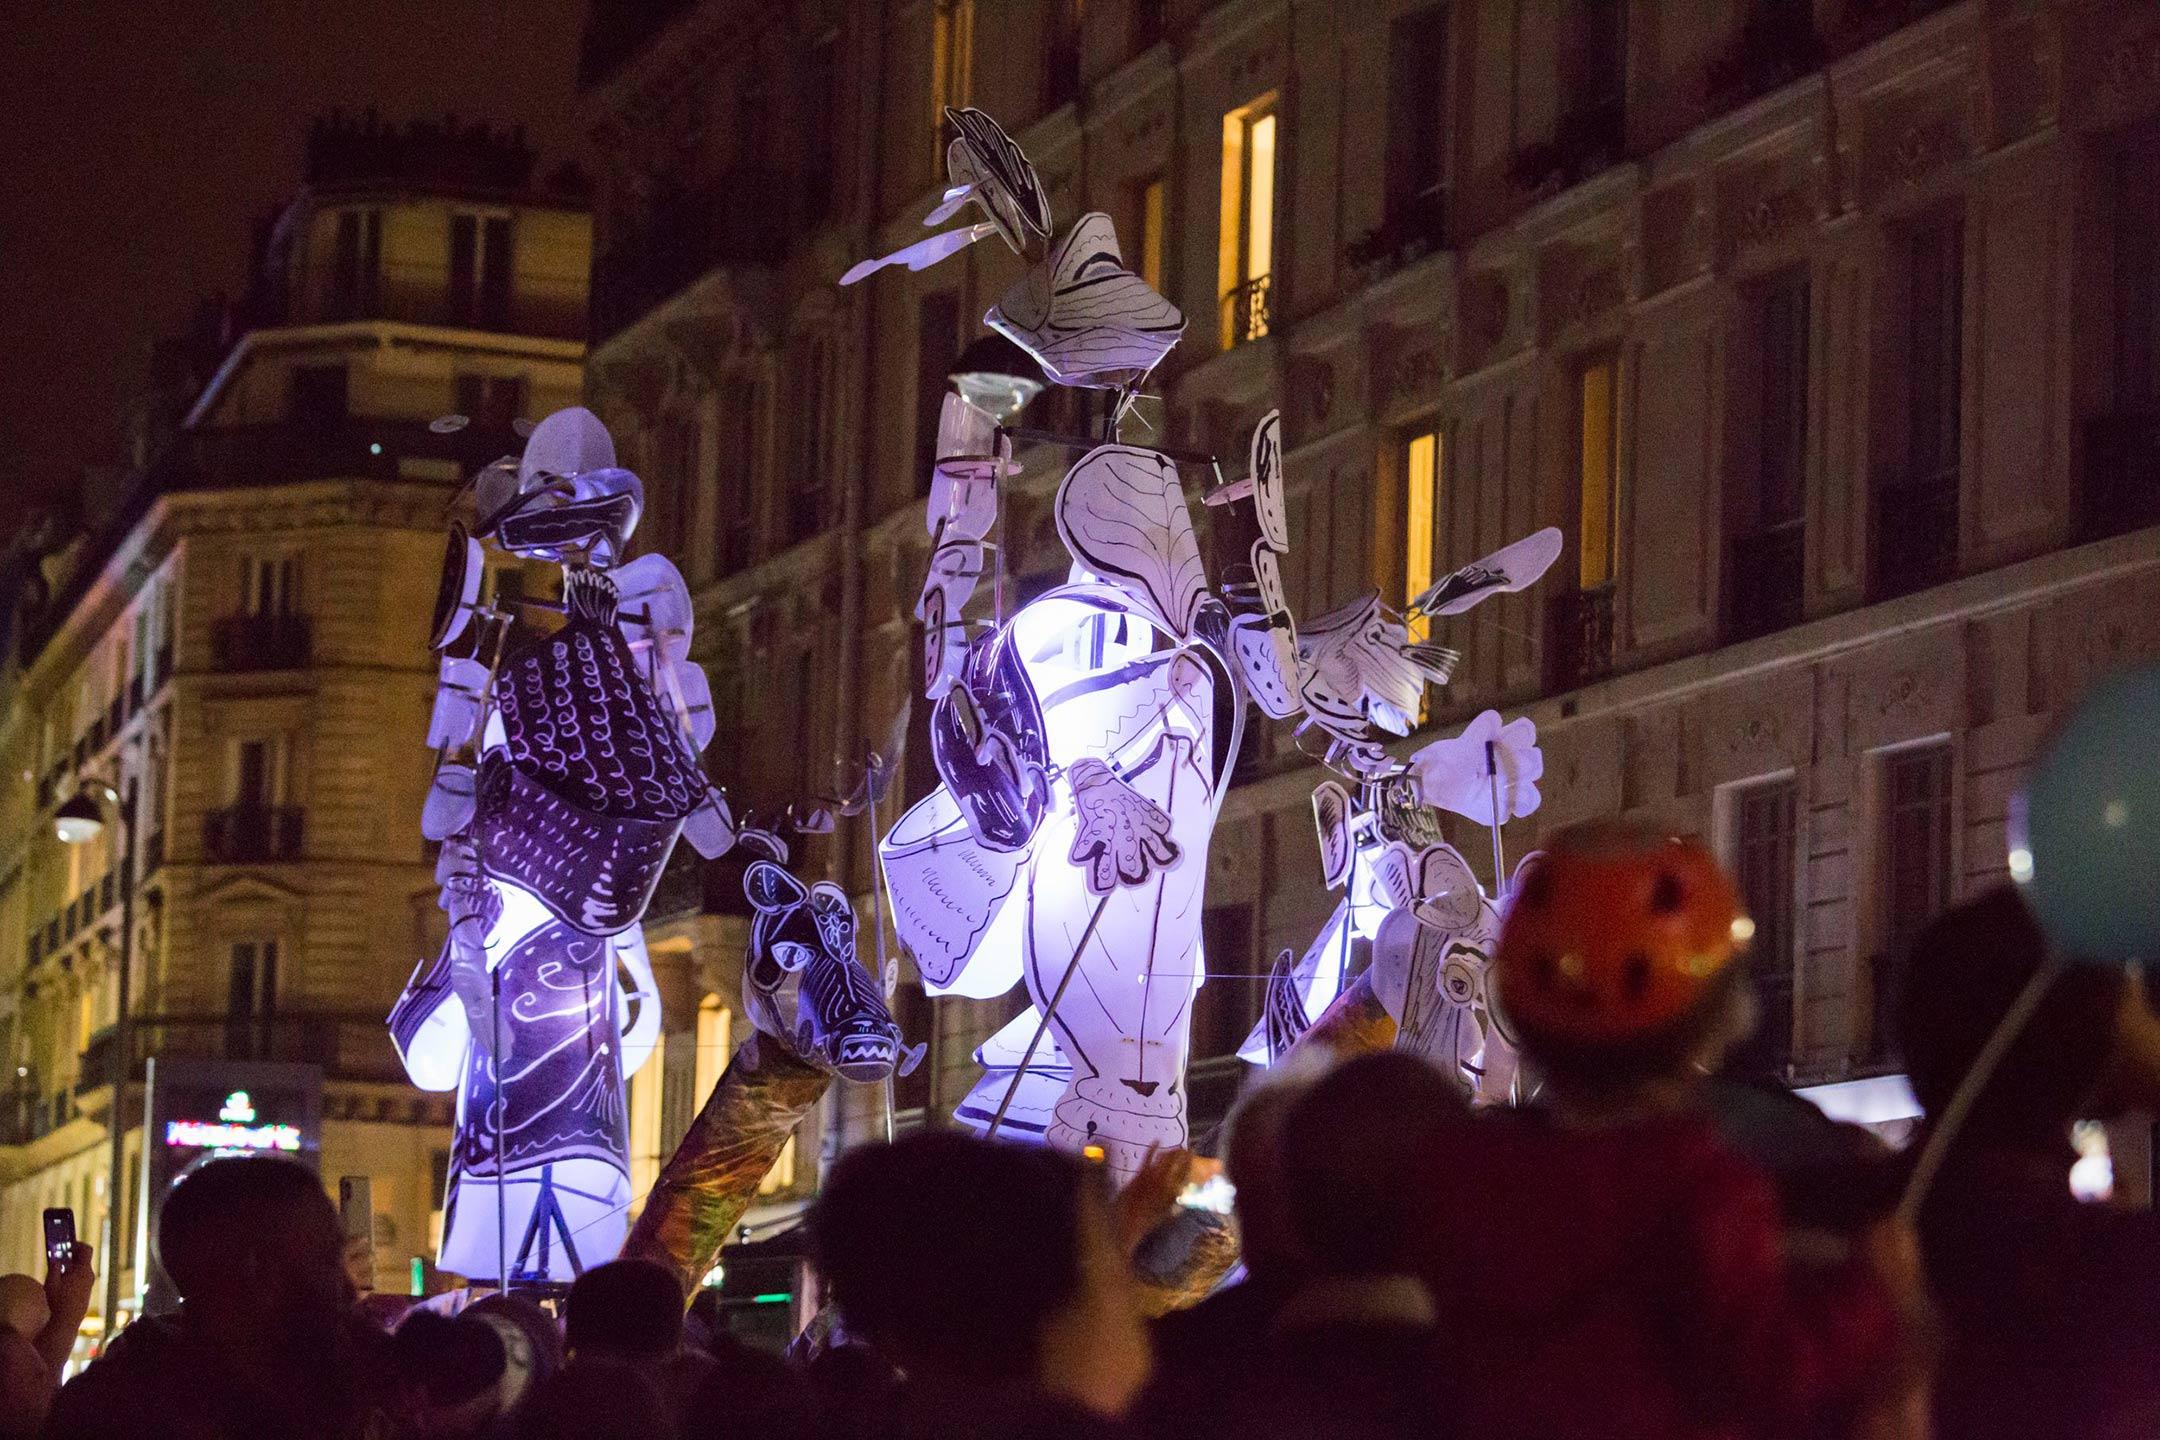 eva-albarran-Leonard-Martin-Picrochole-Les-Geants-Nuit-Blanche-2019-Ville-de-Paris